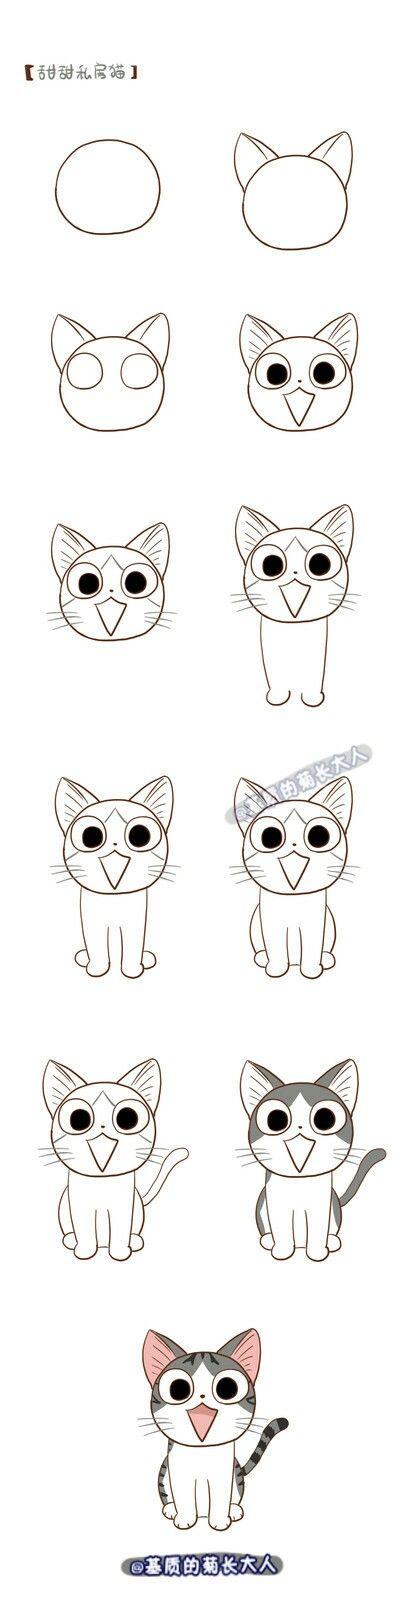 tutorial de como desenhar um gato